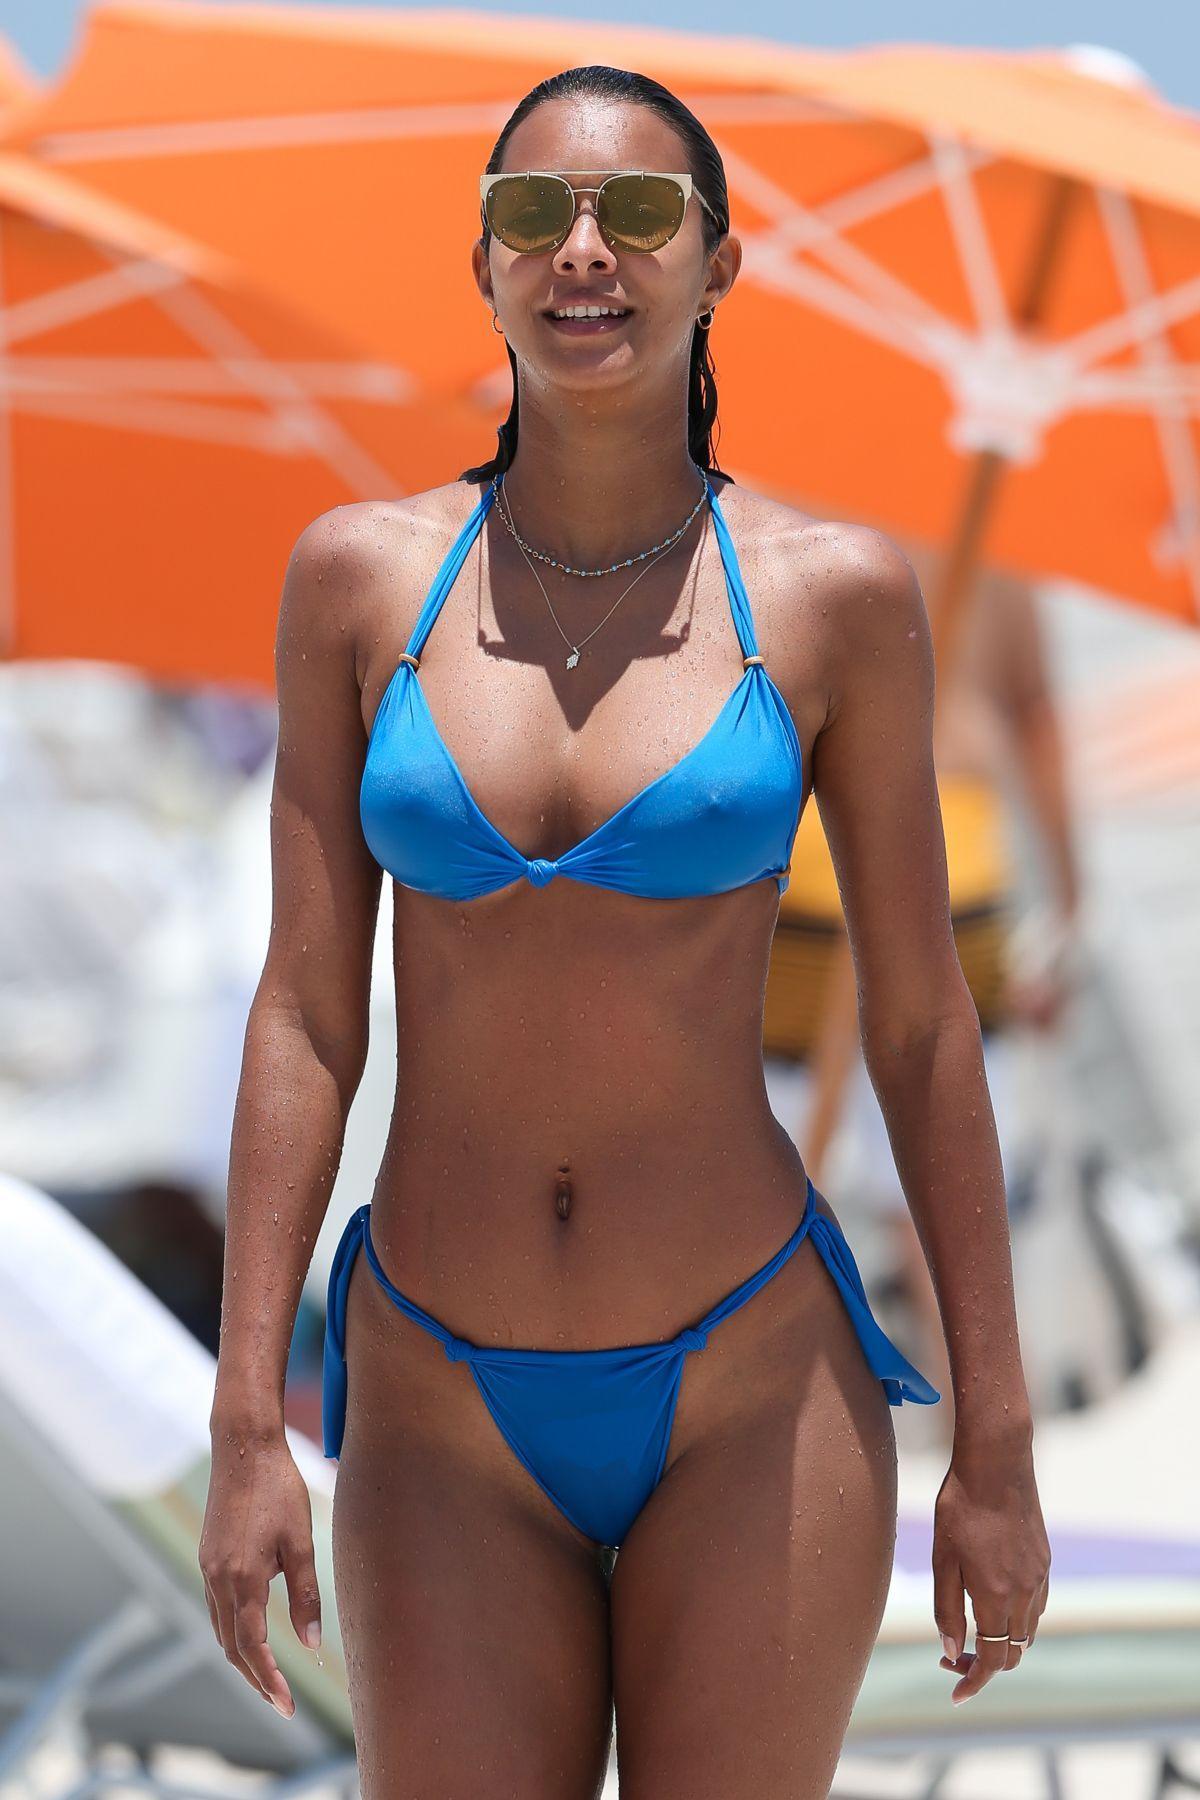 152b61787db3 Lais Ribeiro viste un pequeño bikini en la playa de Miami lais ...